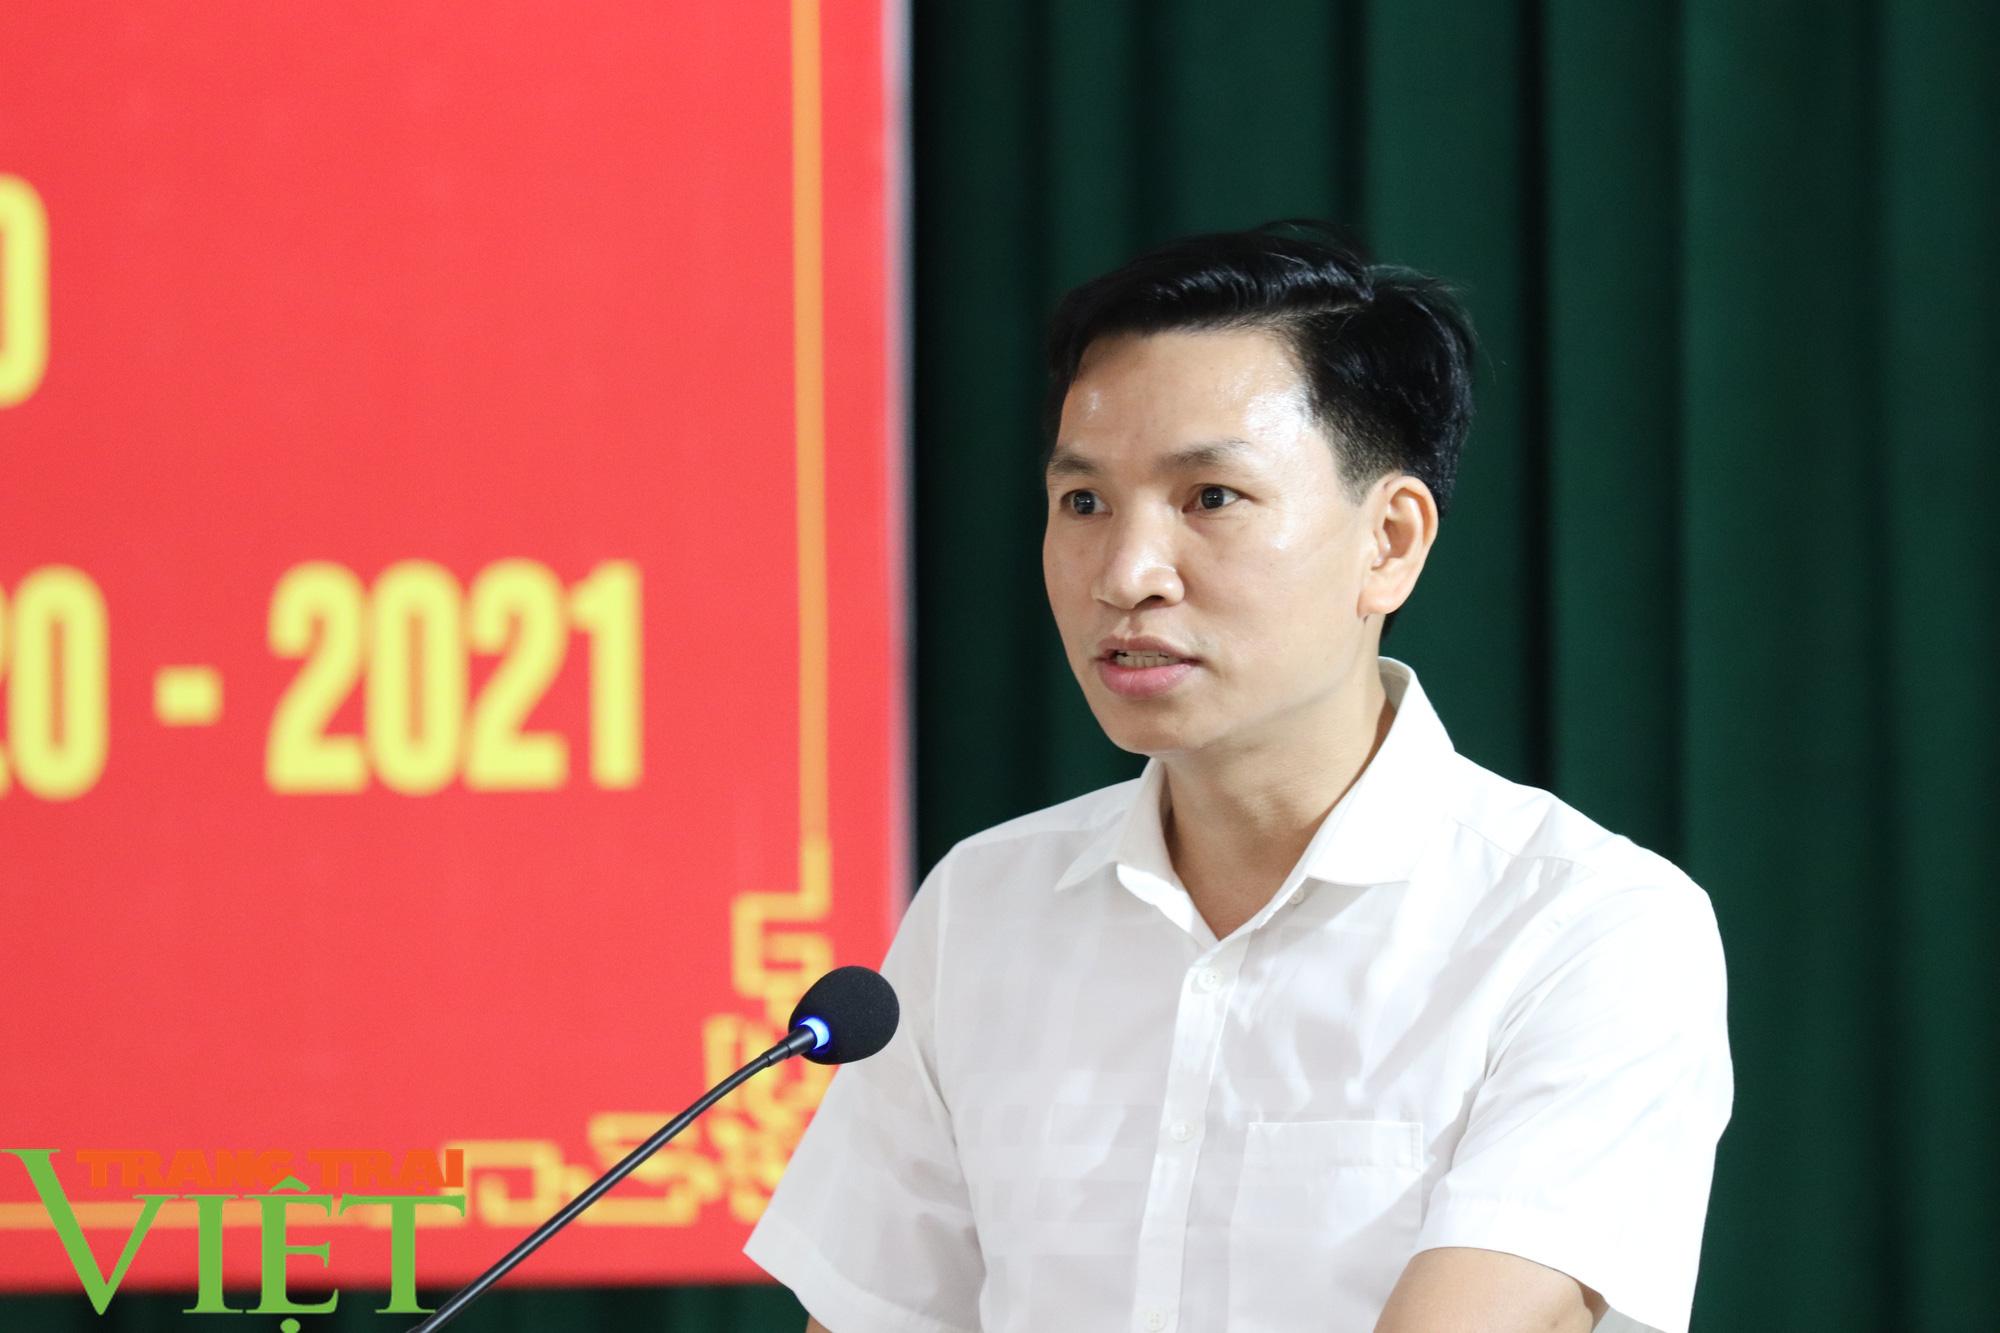 UBND huyện Phù Yên tổ chức Hội nghị tổng kết năm học 2019 – 2020 - Ảnh 4.